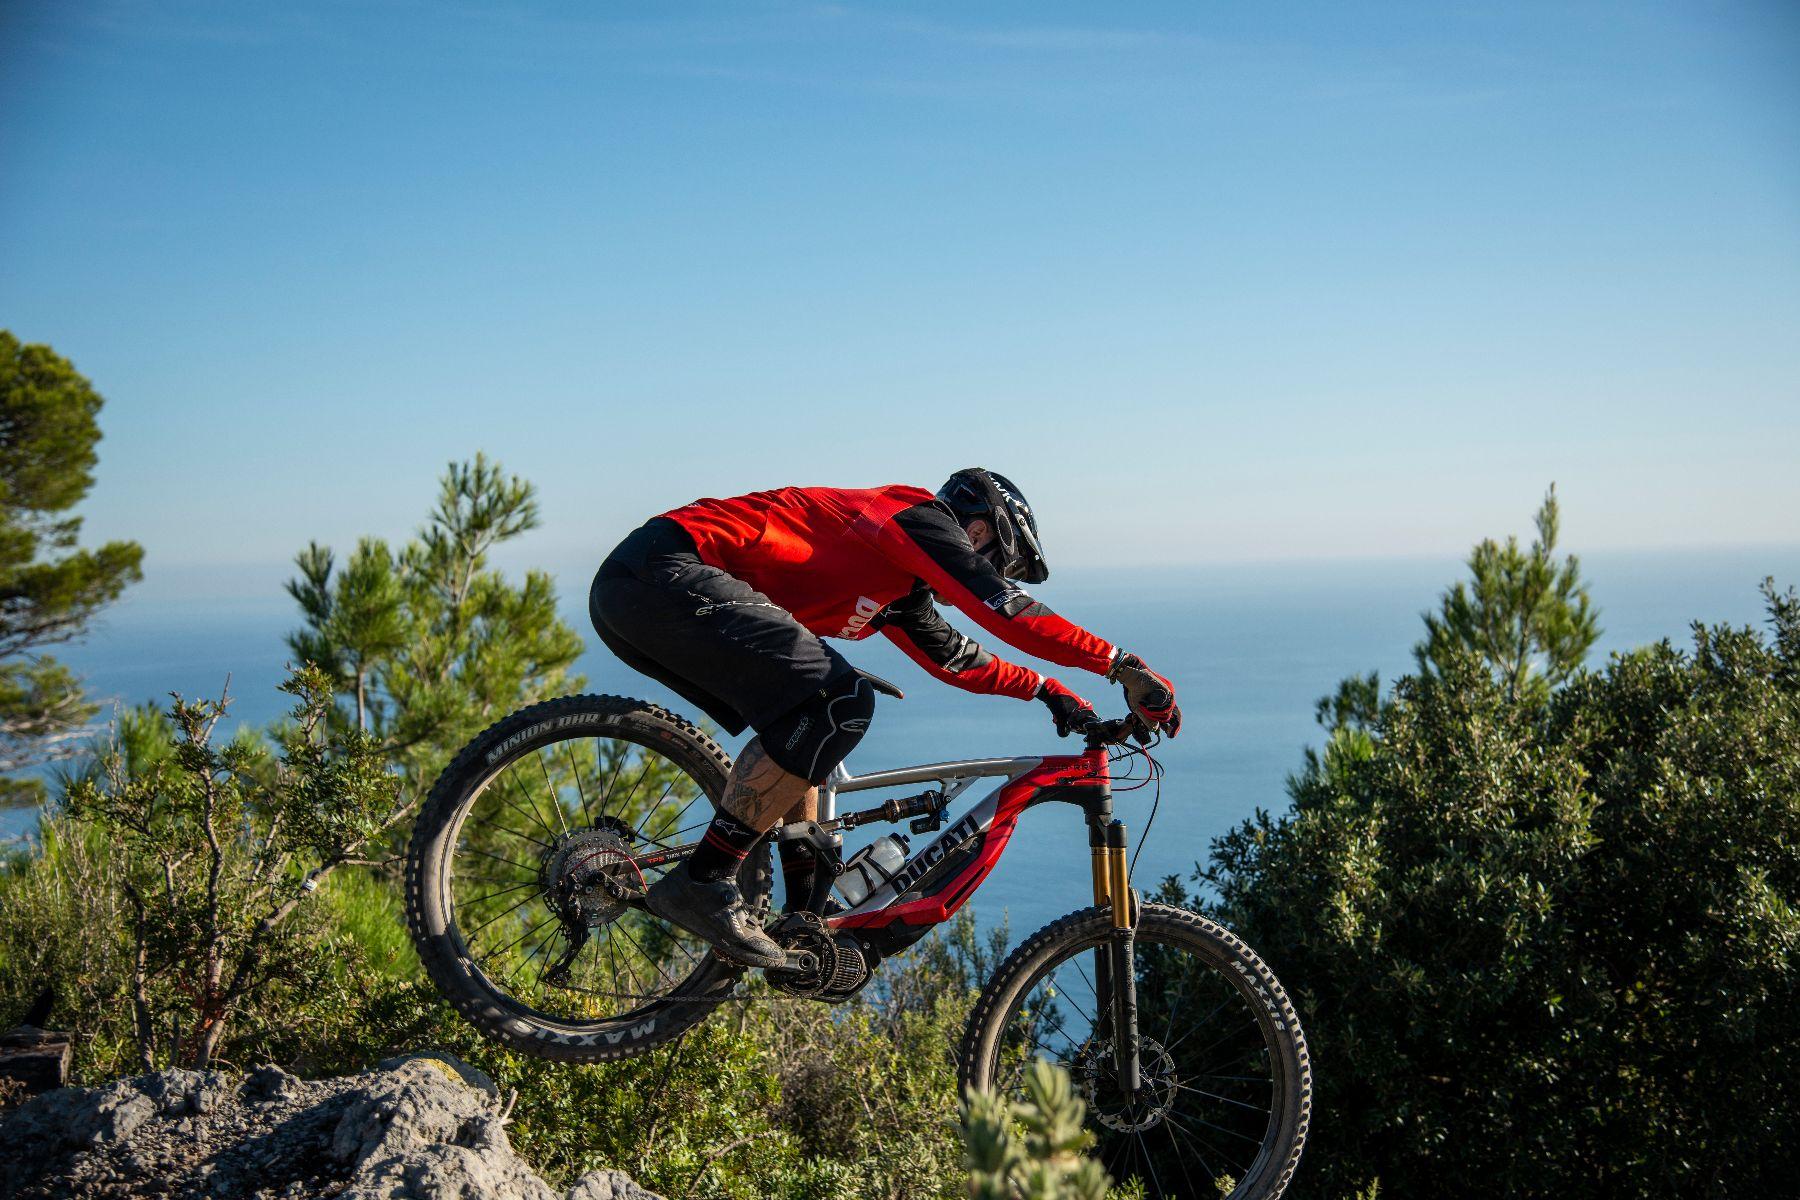 Ducati e-bike going downhill